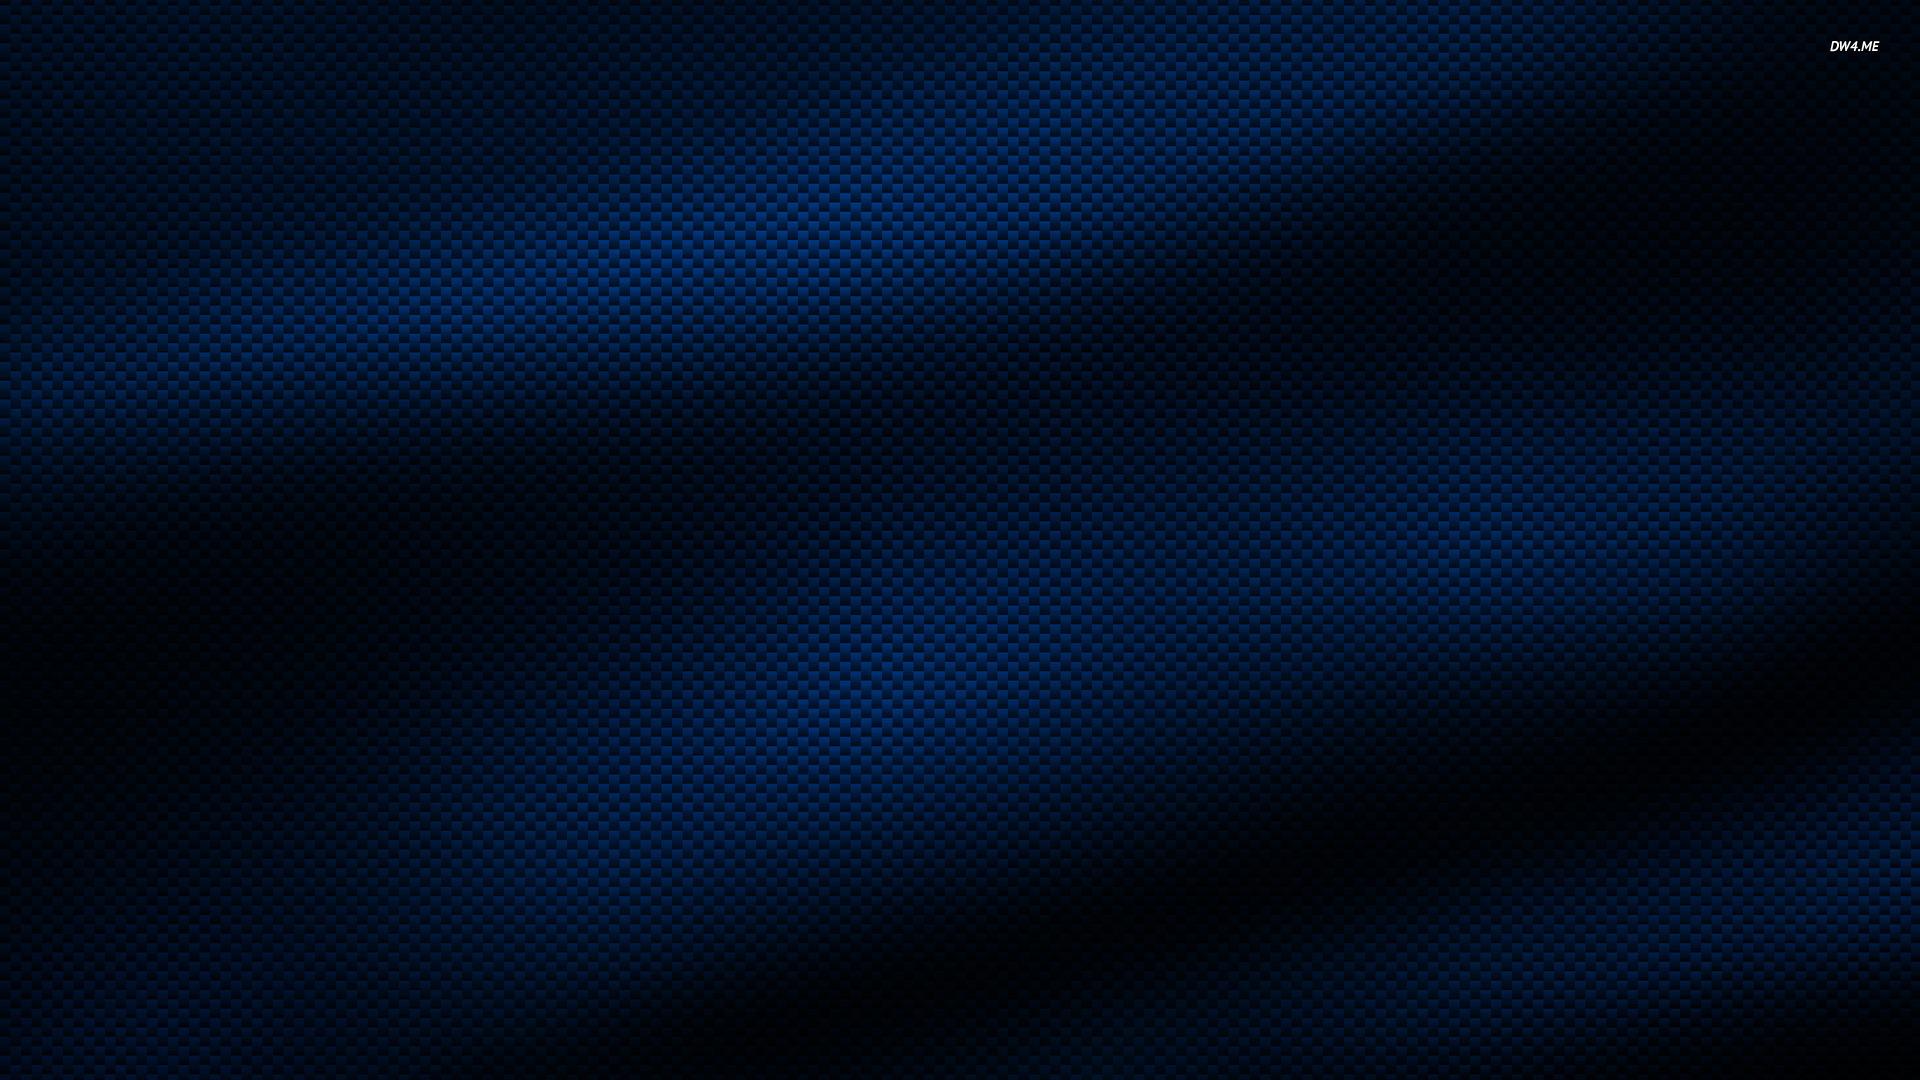 carbon fiber desktop wallpaper 1920x1080